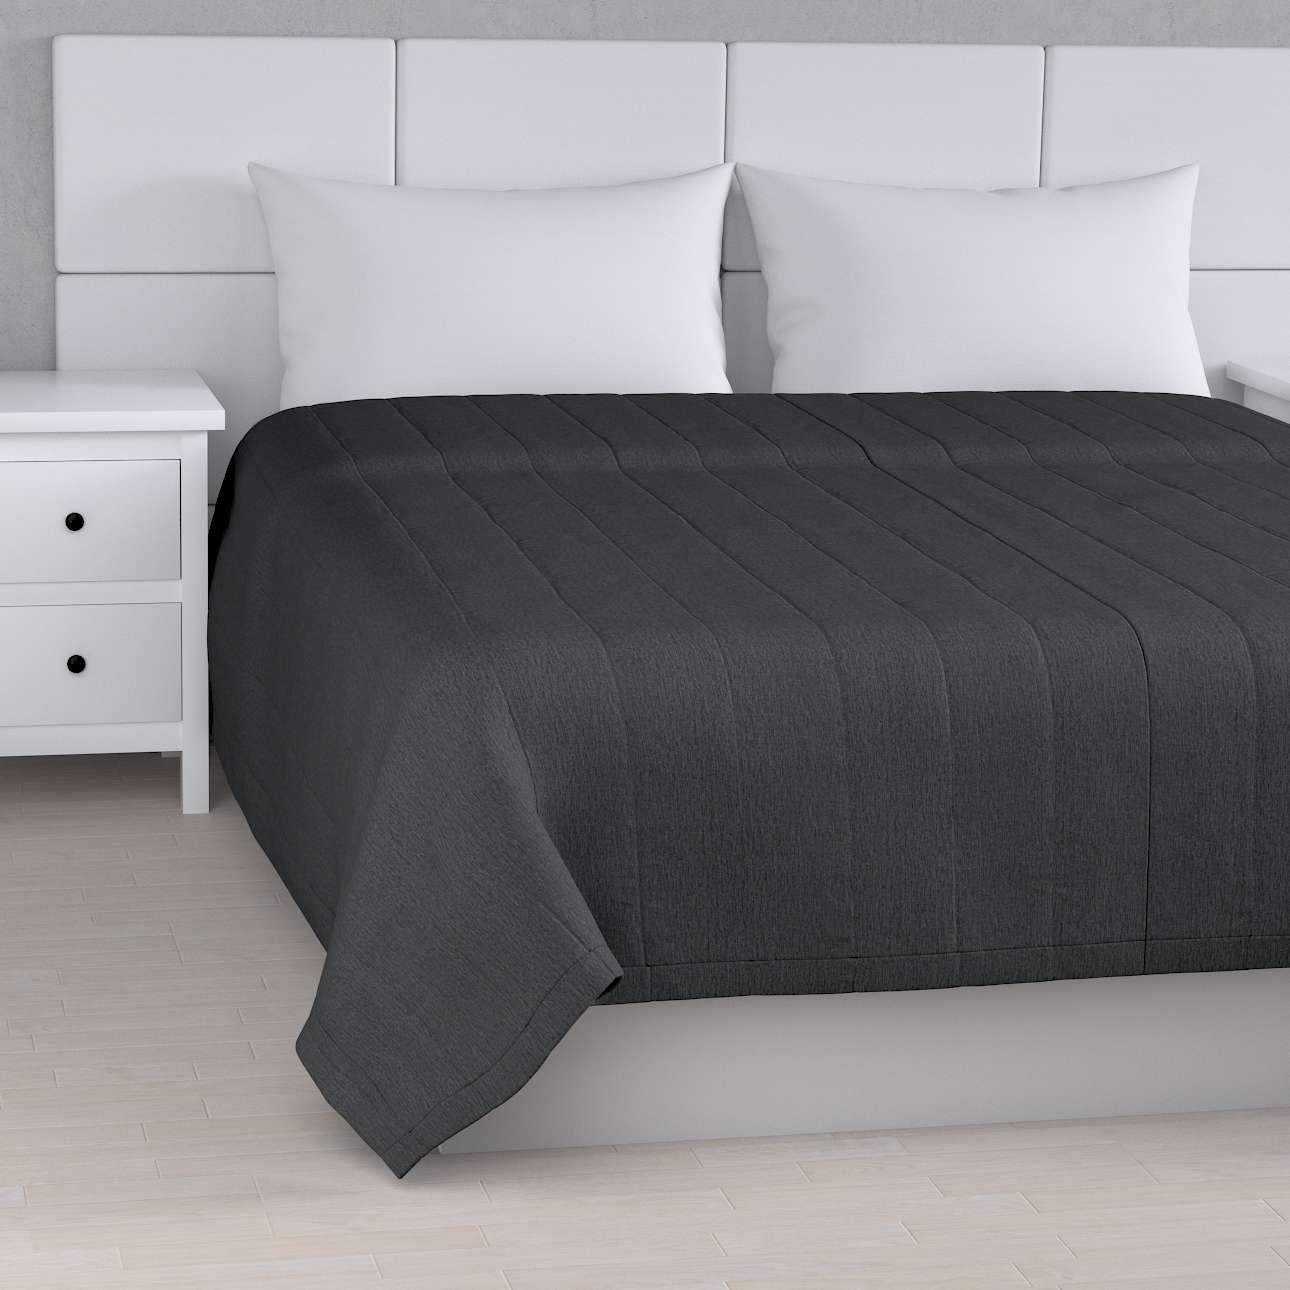 Prehoz  s pozdĺžným prešívaním V kolekcii Chenille, tkanina: 702-20